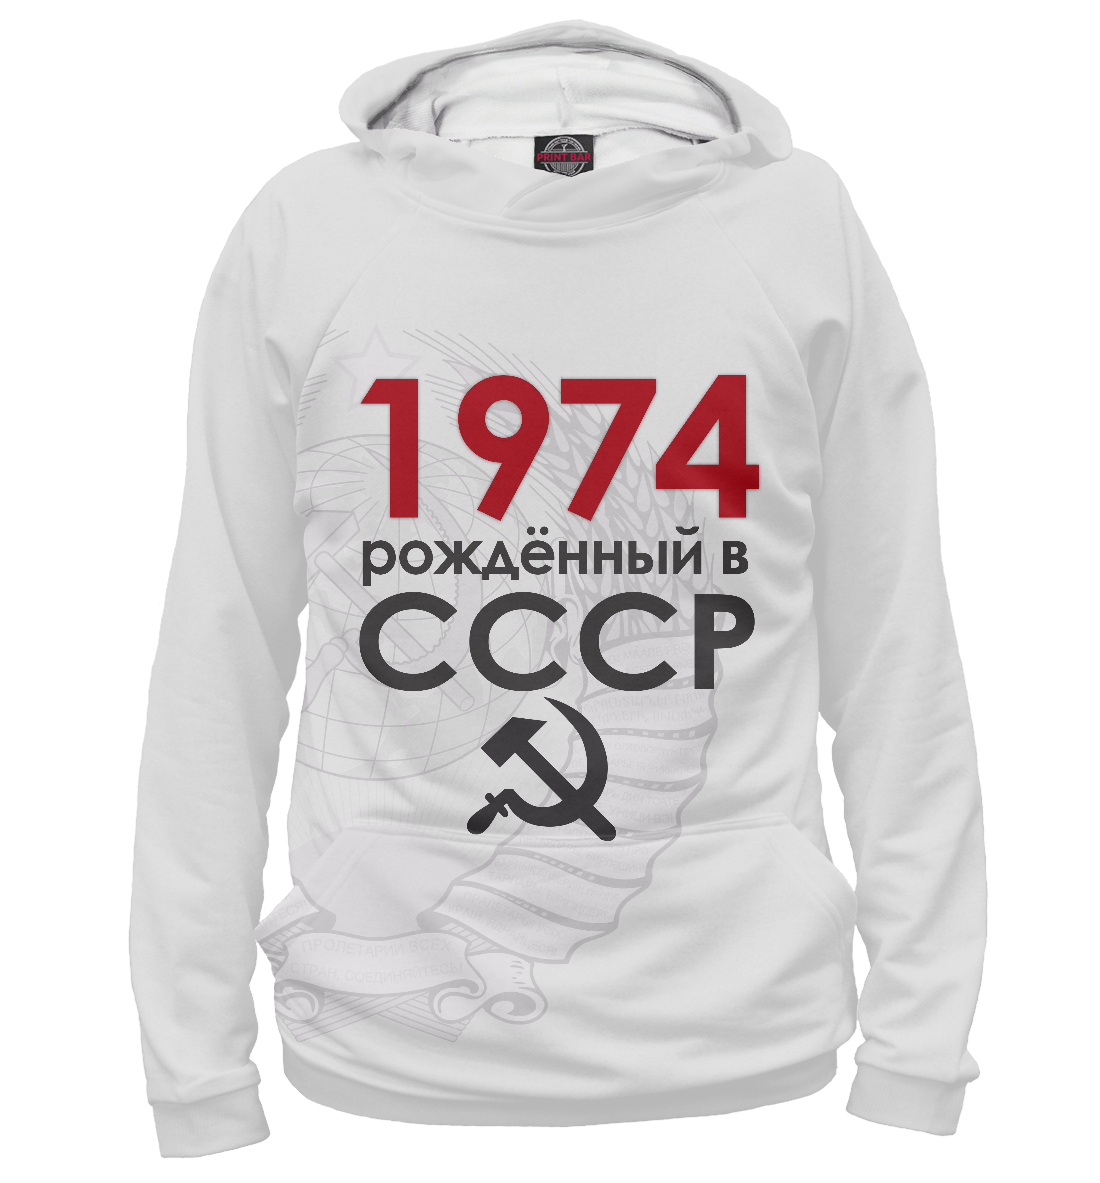 Купить Рожденный в СССР 1974, Printbar, Худи, DSC-864879-hud-2